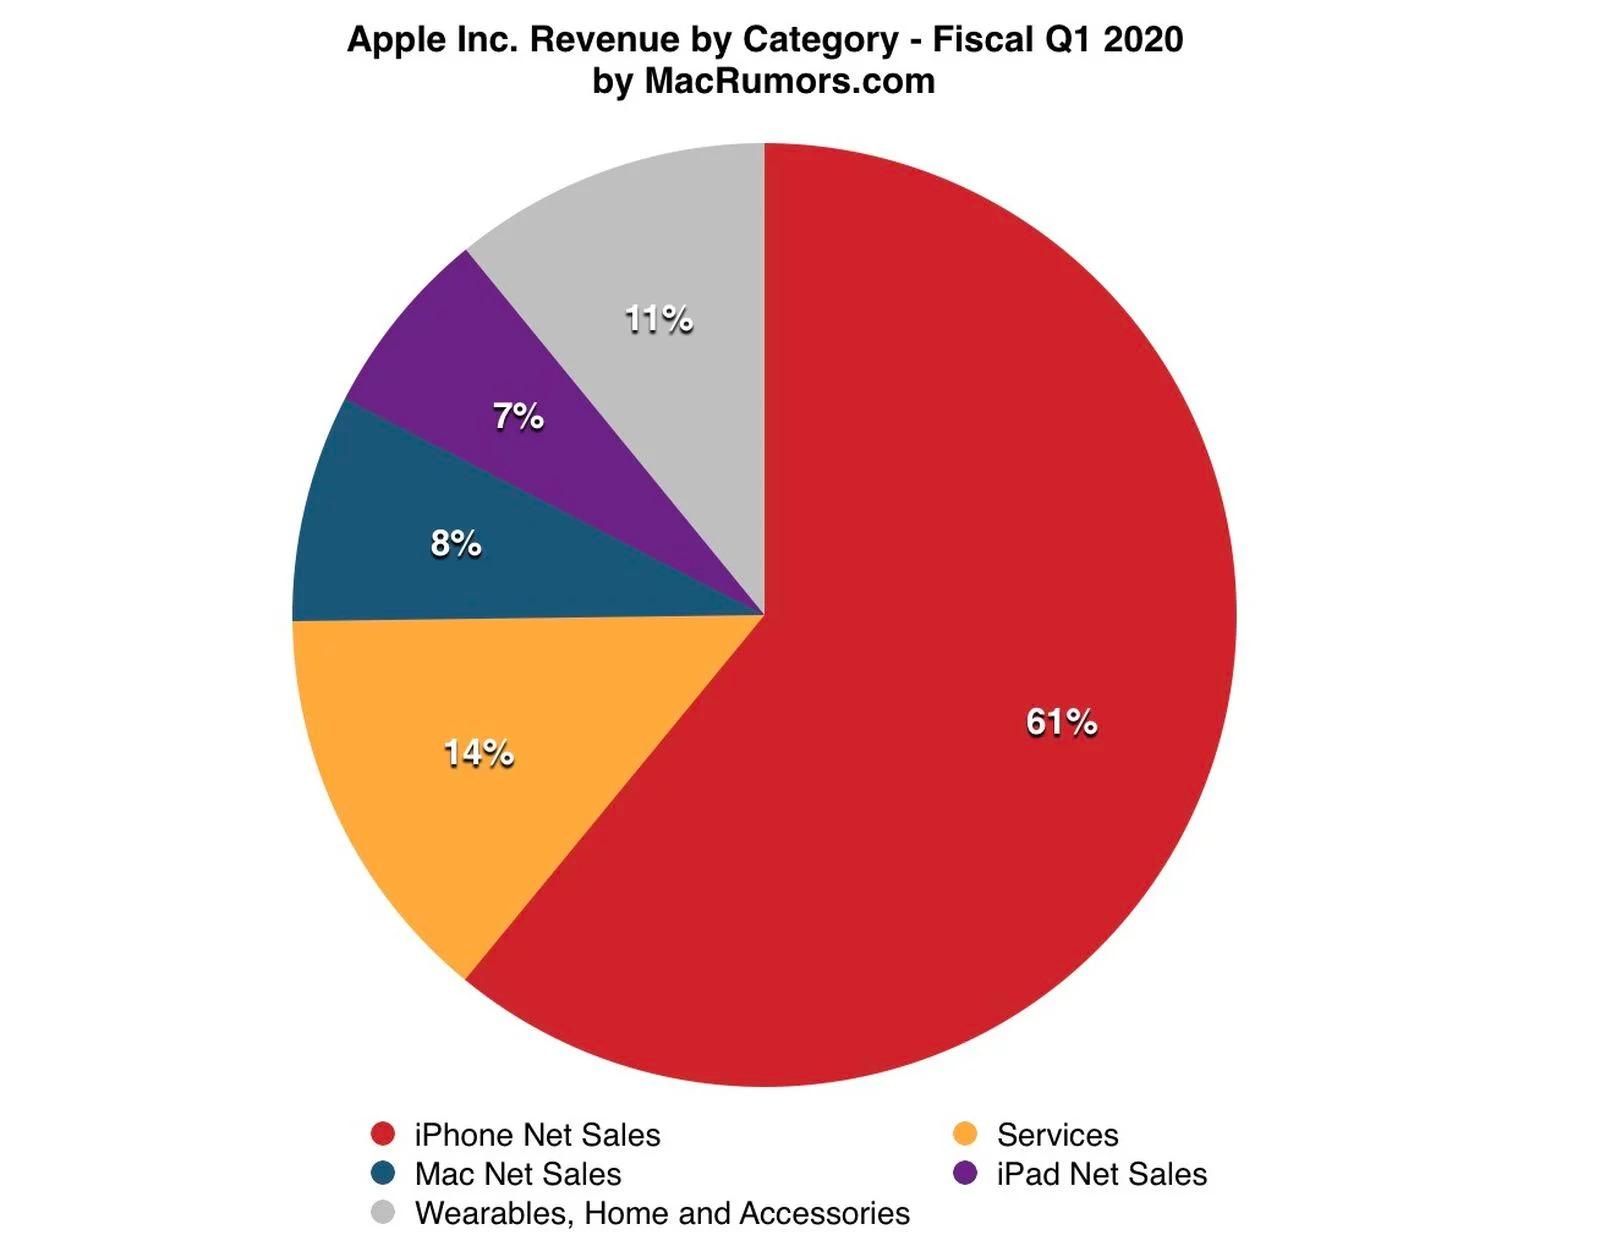 Tarta de reparto de facturación de Apple durante los meses de octubre, noviembre y diciembre de 2020